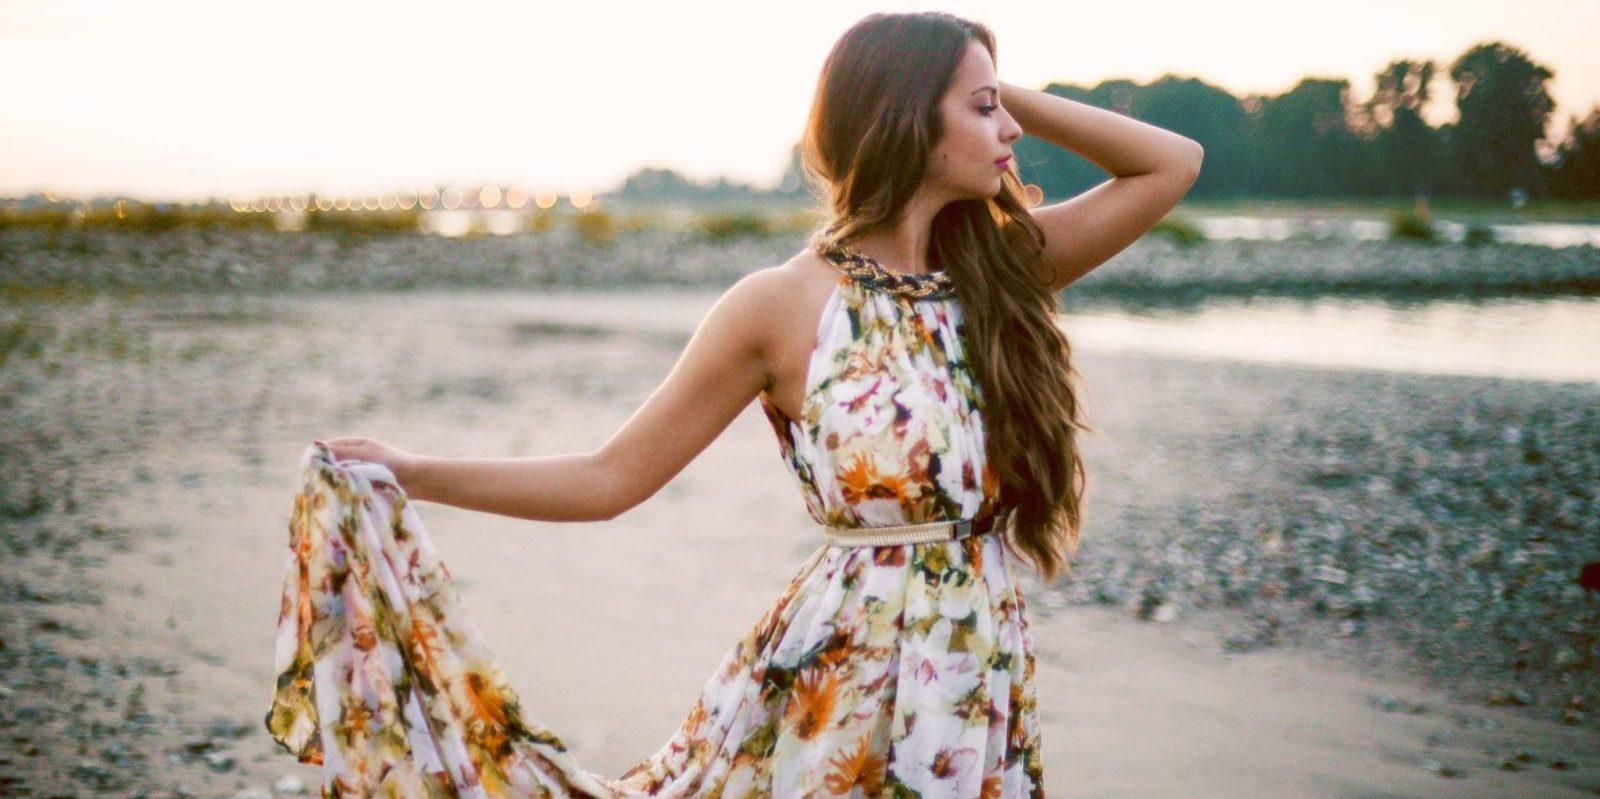 Summer Dream, Eisabeth Schuldeis